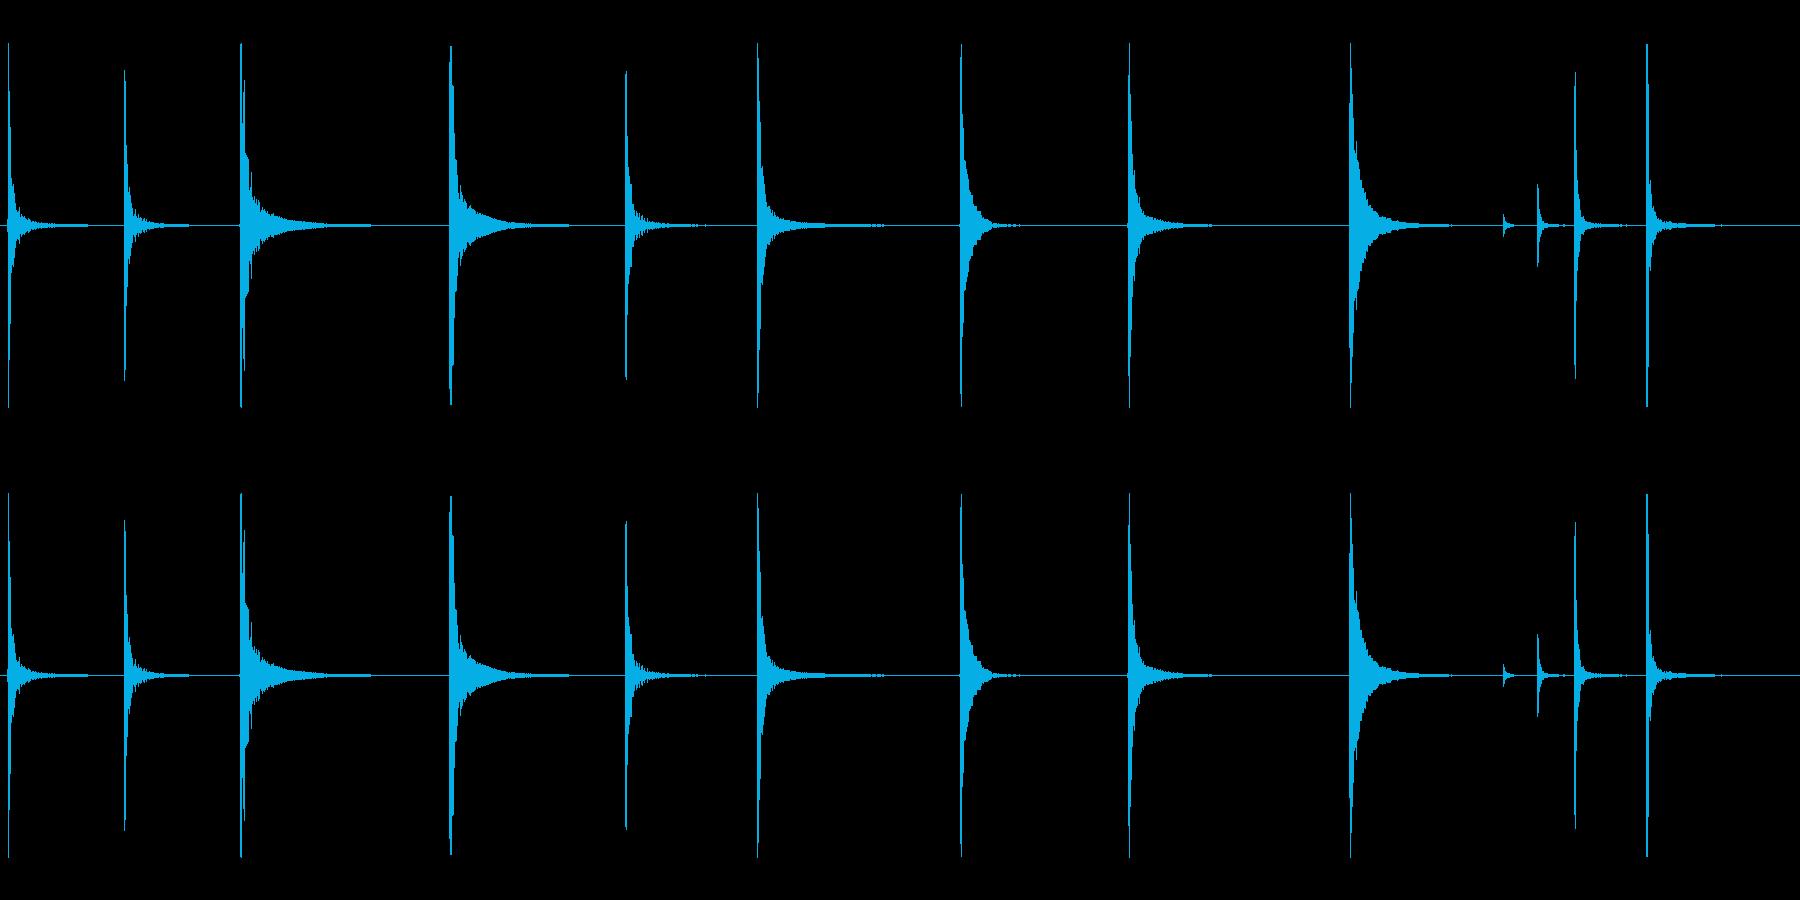 ヘビーシートメタルのいくつかのハン...の再生済みの波形